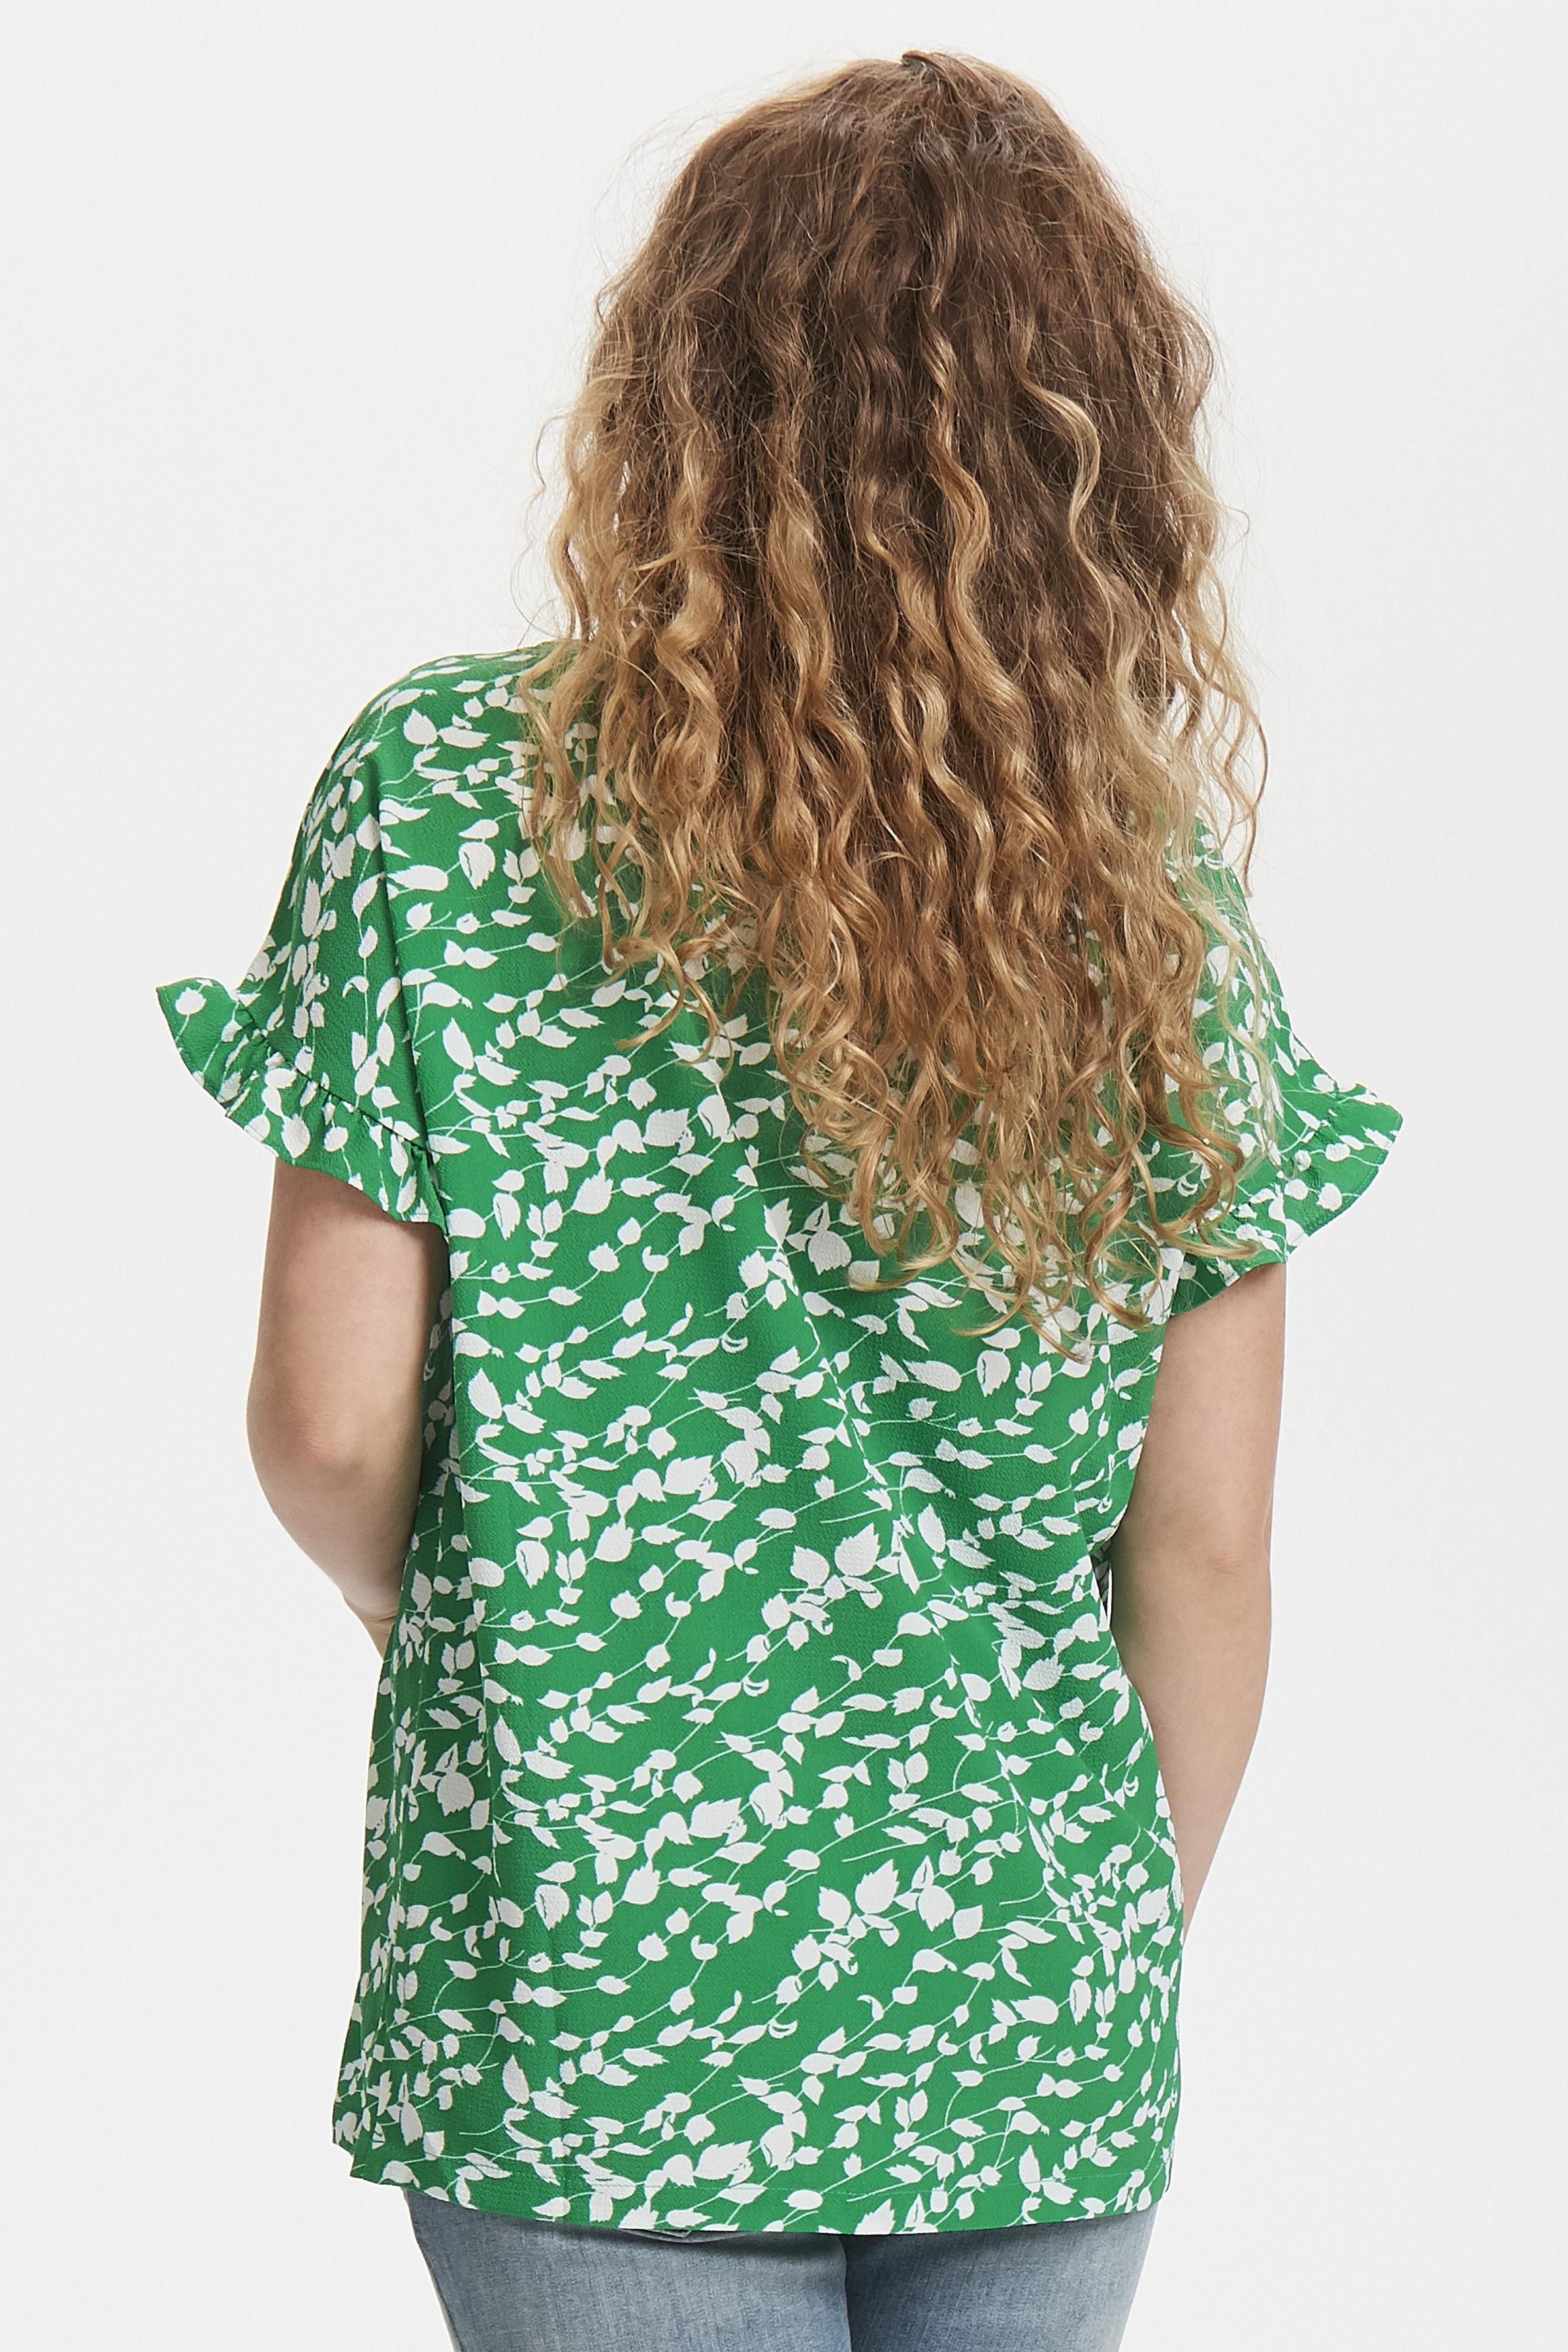 Groen/wit Korte mouwen shirt  van Fransa – Door Groen/wit Korte mouwen shirt  van maat. XS-XXL hier